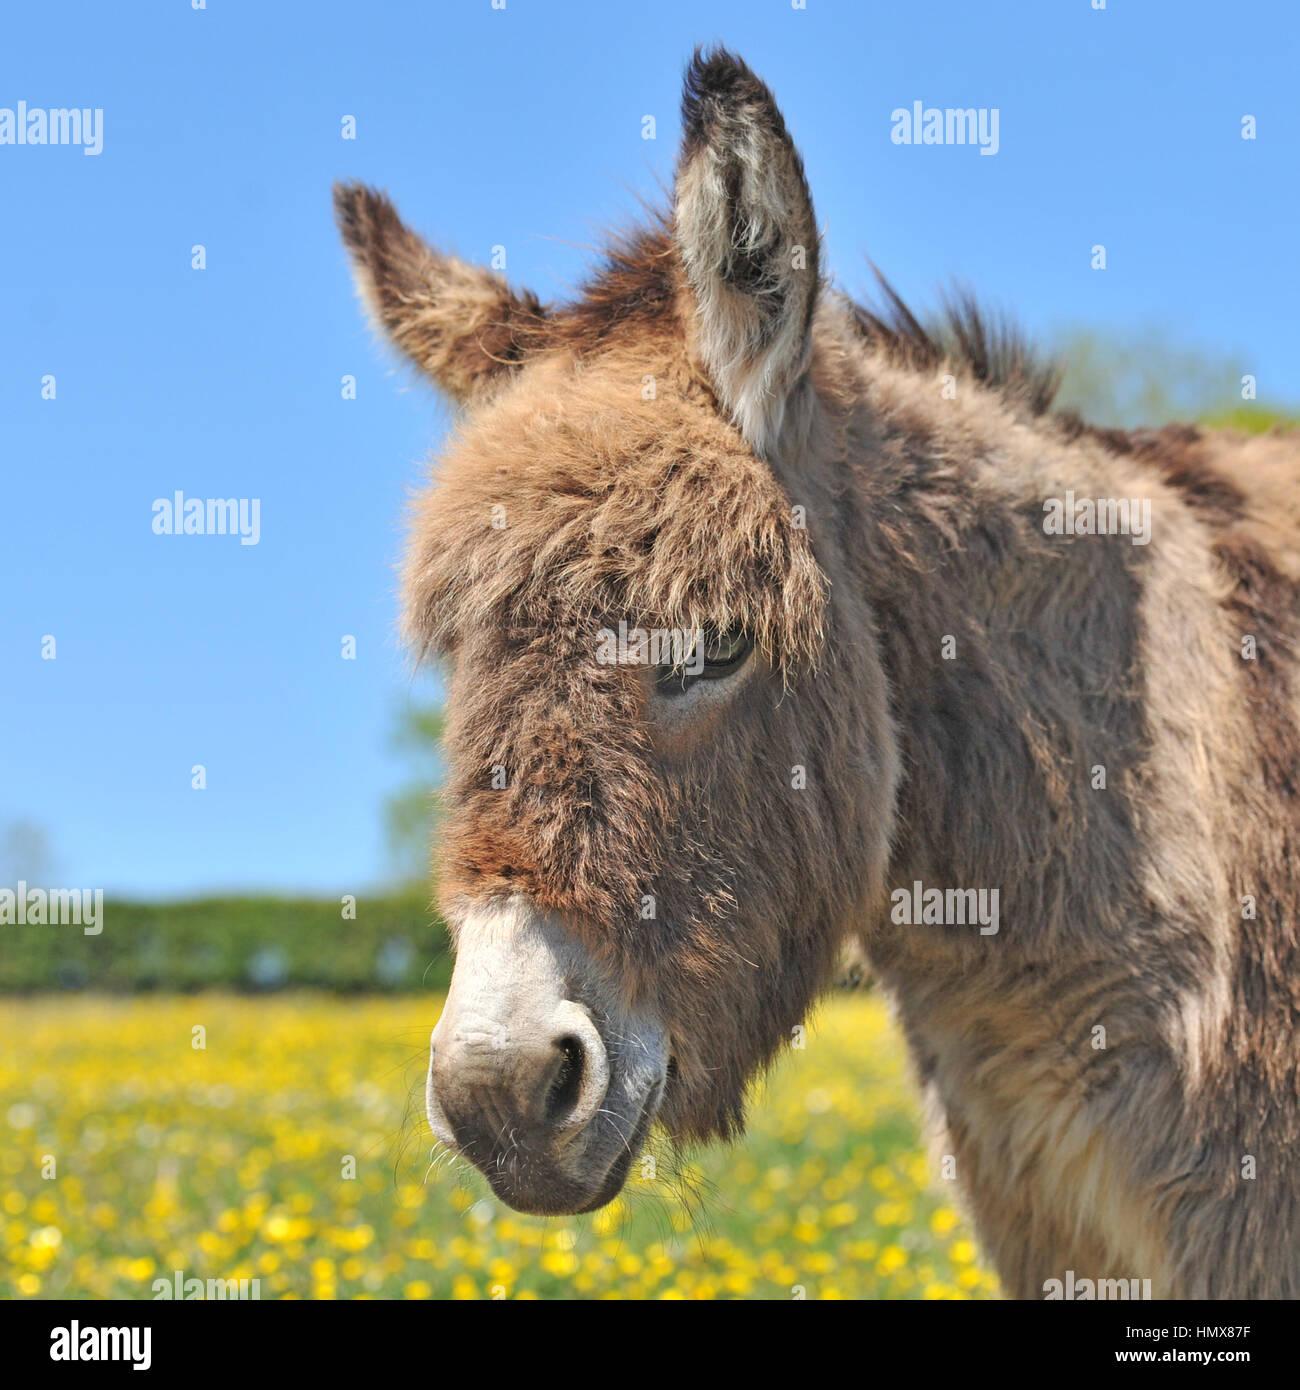 donkey - Stock Image